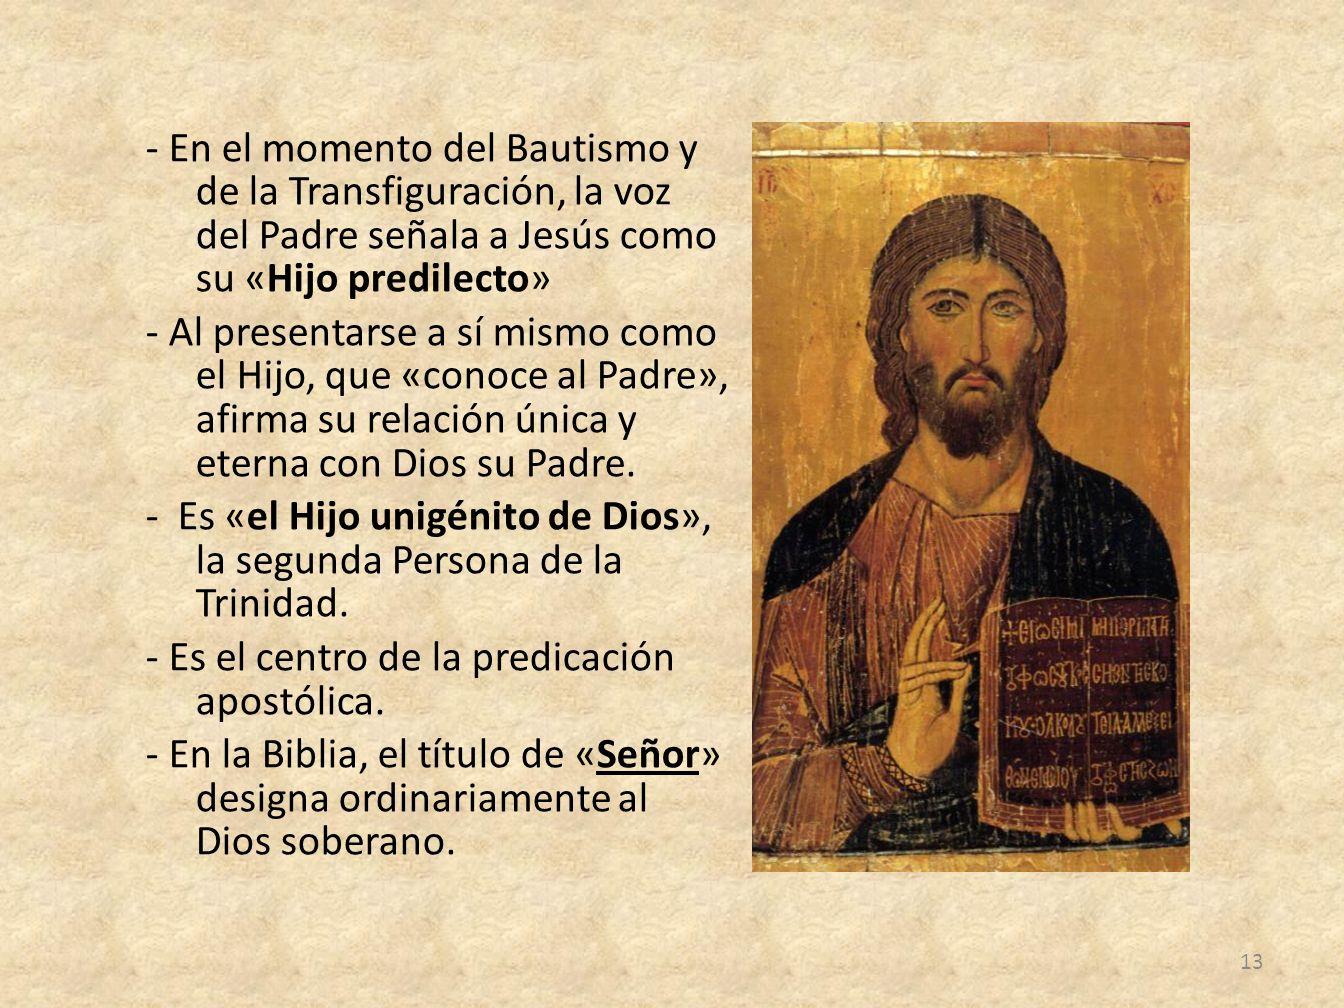 - En el momento del Bautismo y de la Transfiguración, la voz del Padre señala a Jesús como su «Hijo predilecto» - Al presentarse a sí mismo como el Hi